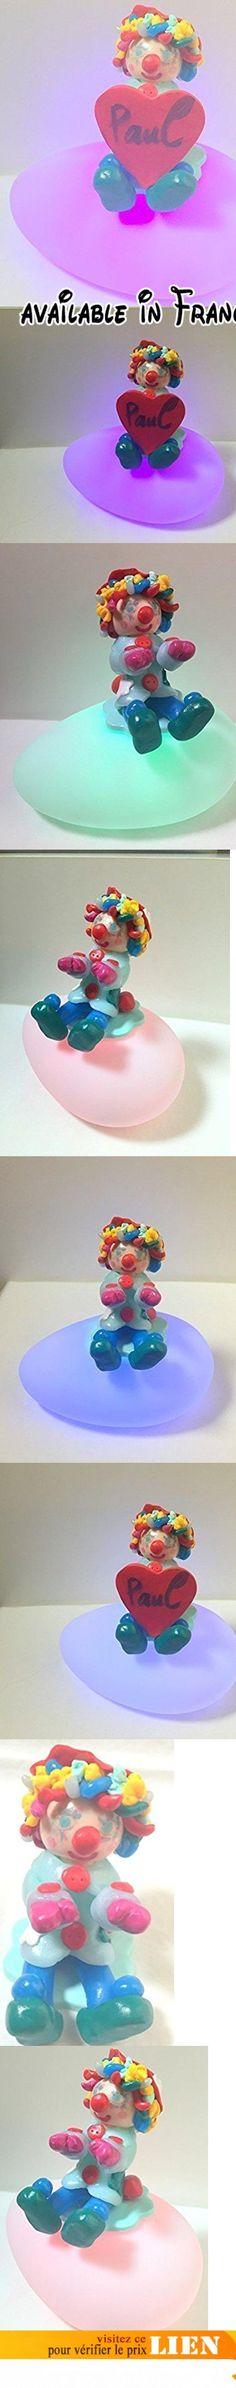 Veilleuse/ fimo/clown/multicolore/ figurine/veilleuse bébé/personnalisable/chambre enfant/cadeau anniversaire/idée cadeau de Noël/fait main/variation de couleurs.  #Guild Product #GUILD_HOME